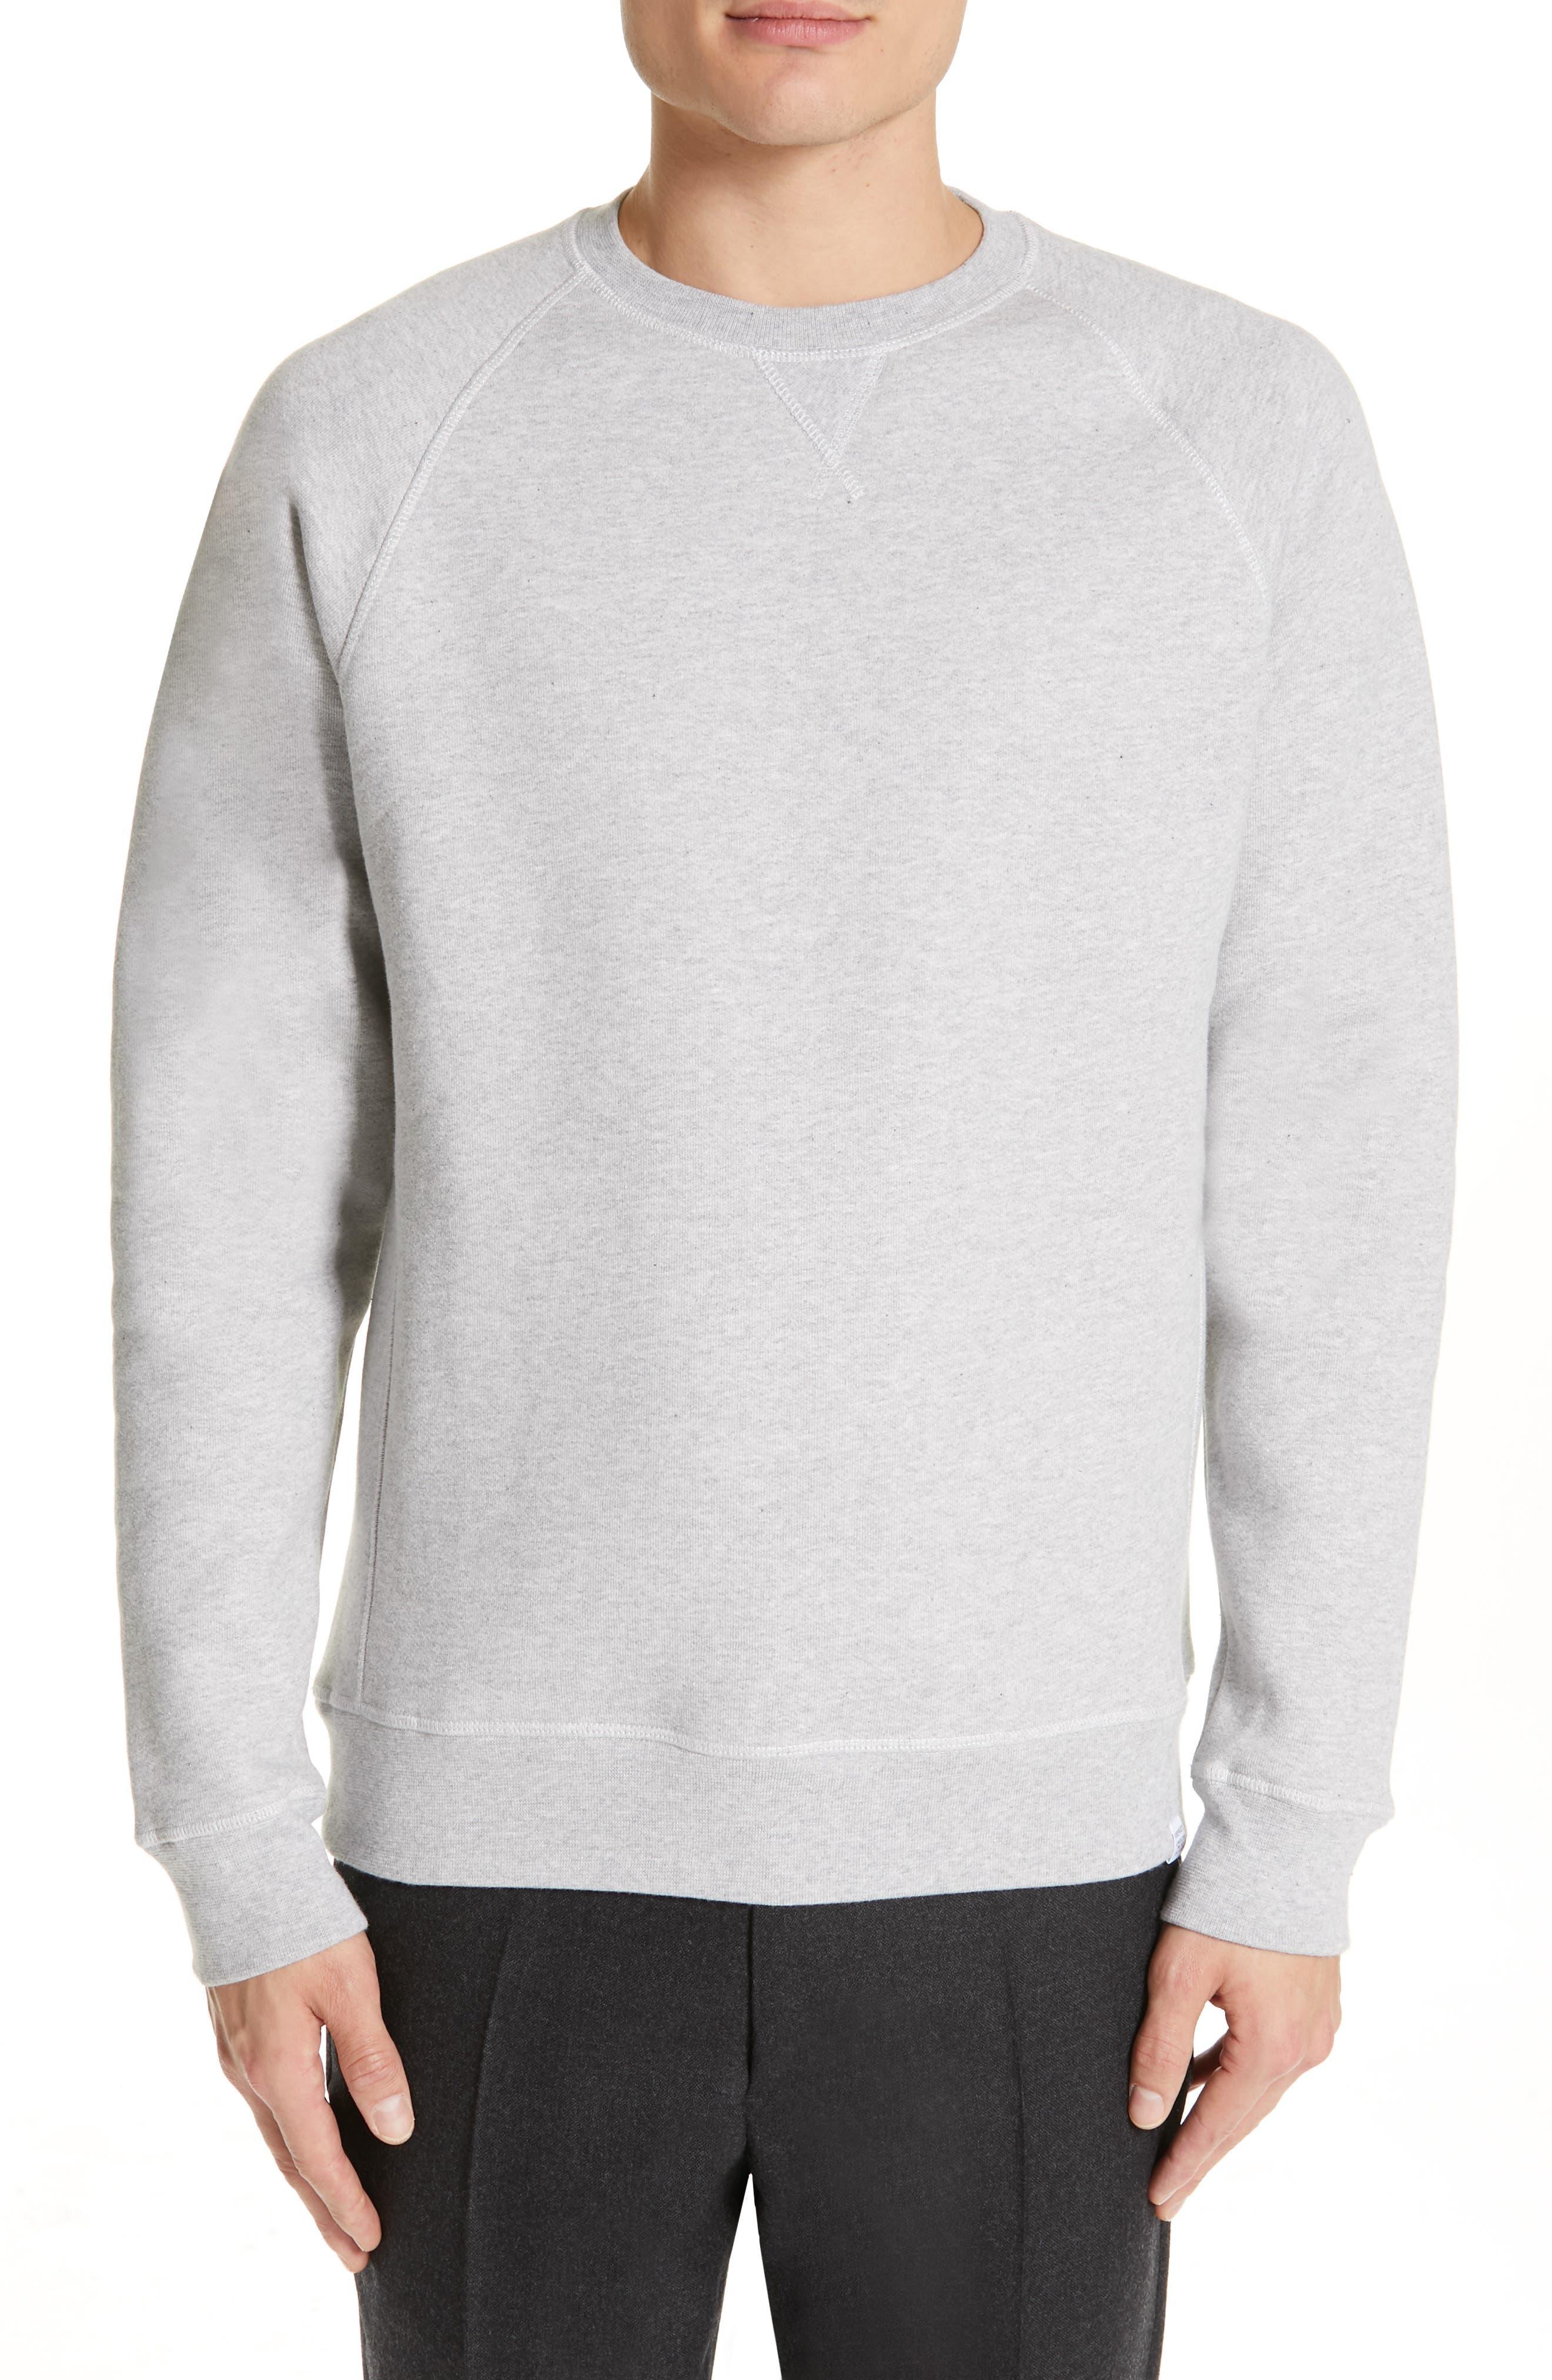 NORSE PROJECTS Ketel Raglan Sweatshirt in Light Grey Melange